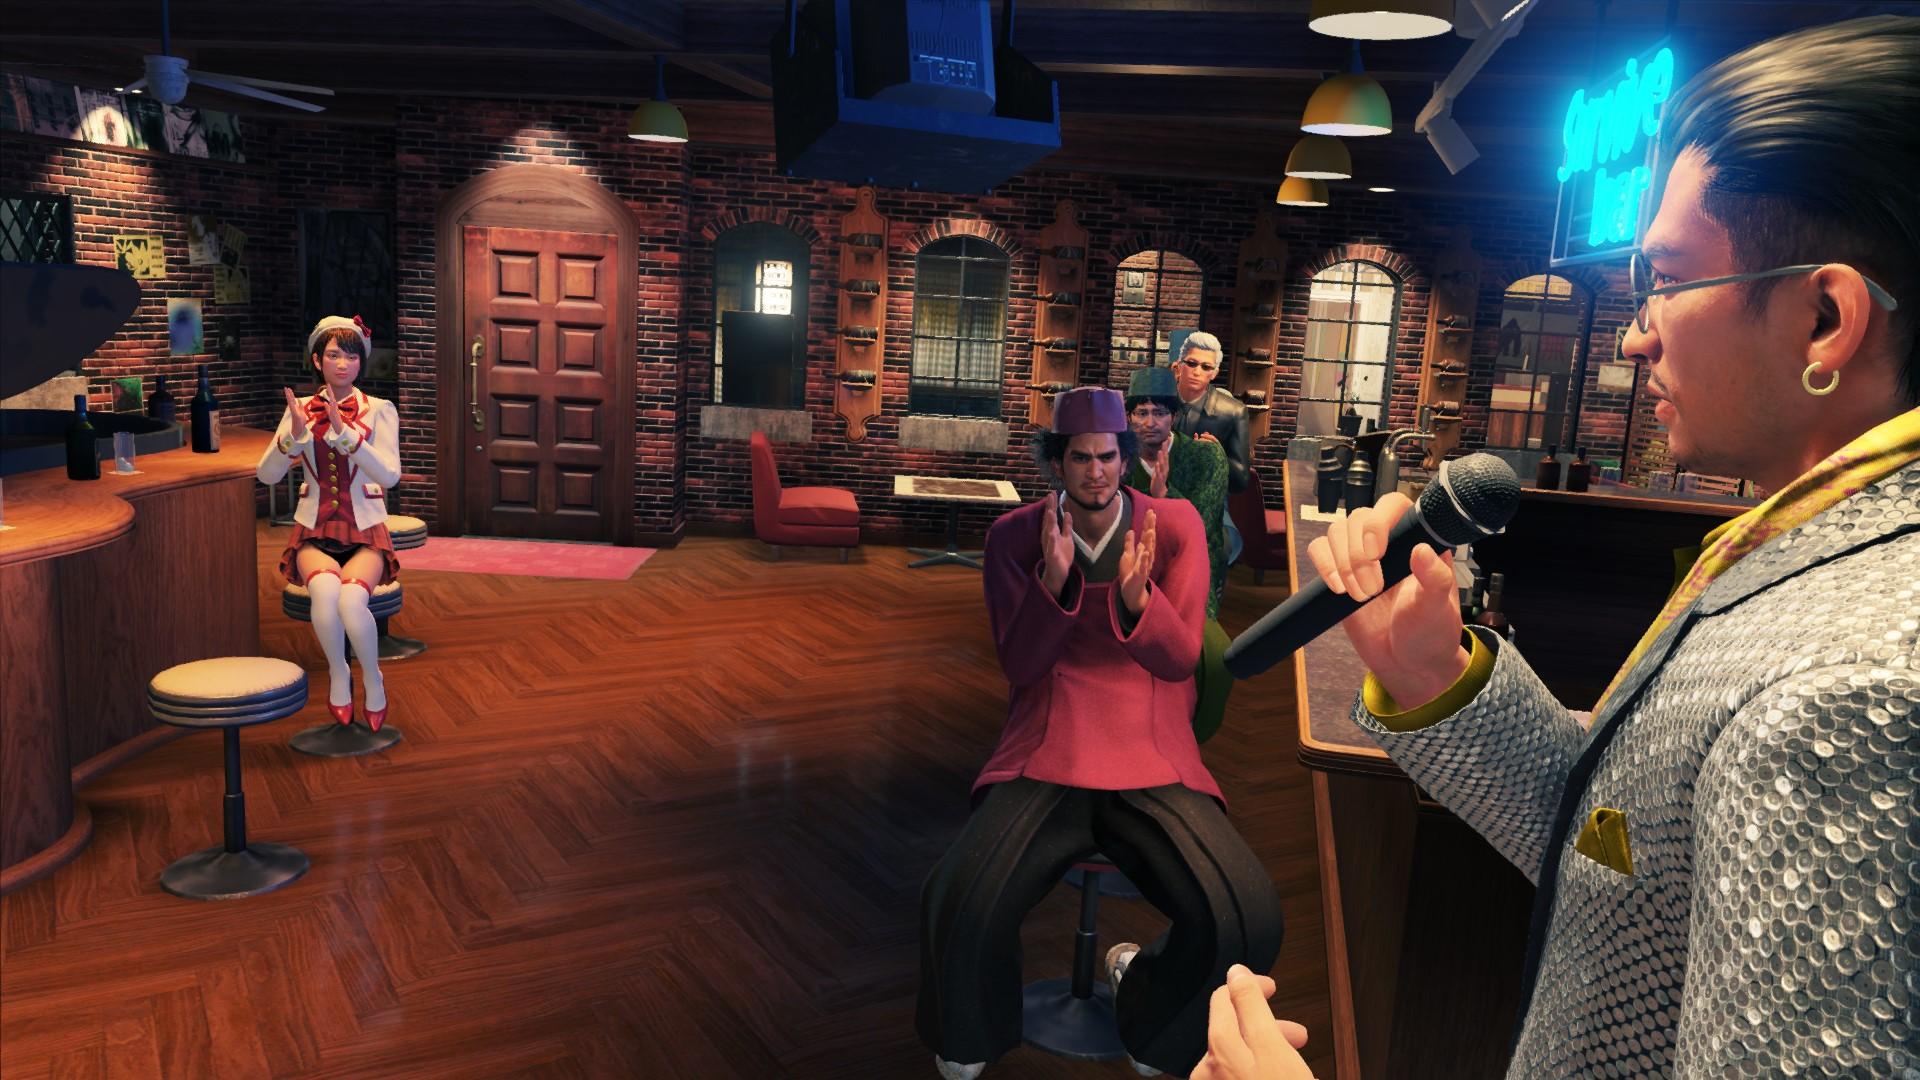 PS5《如龙7》国际版将于2021年3月2日发售